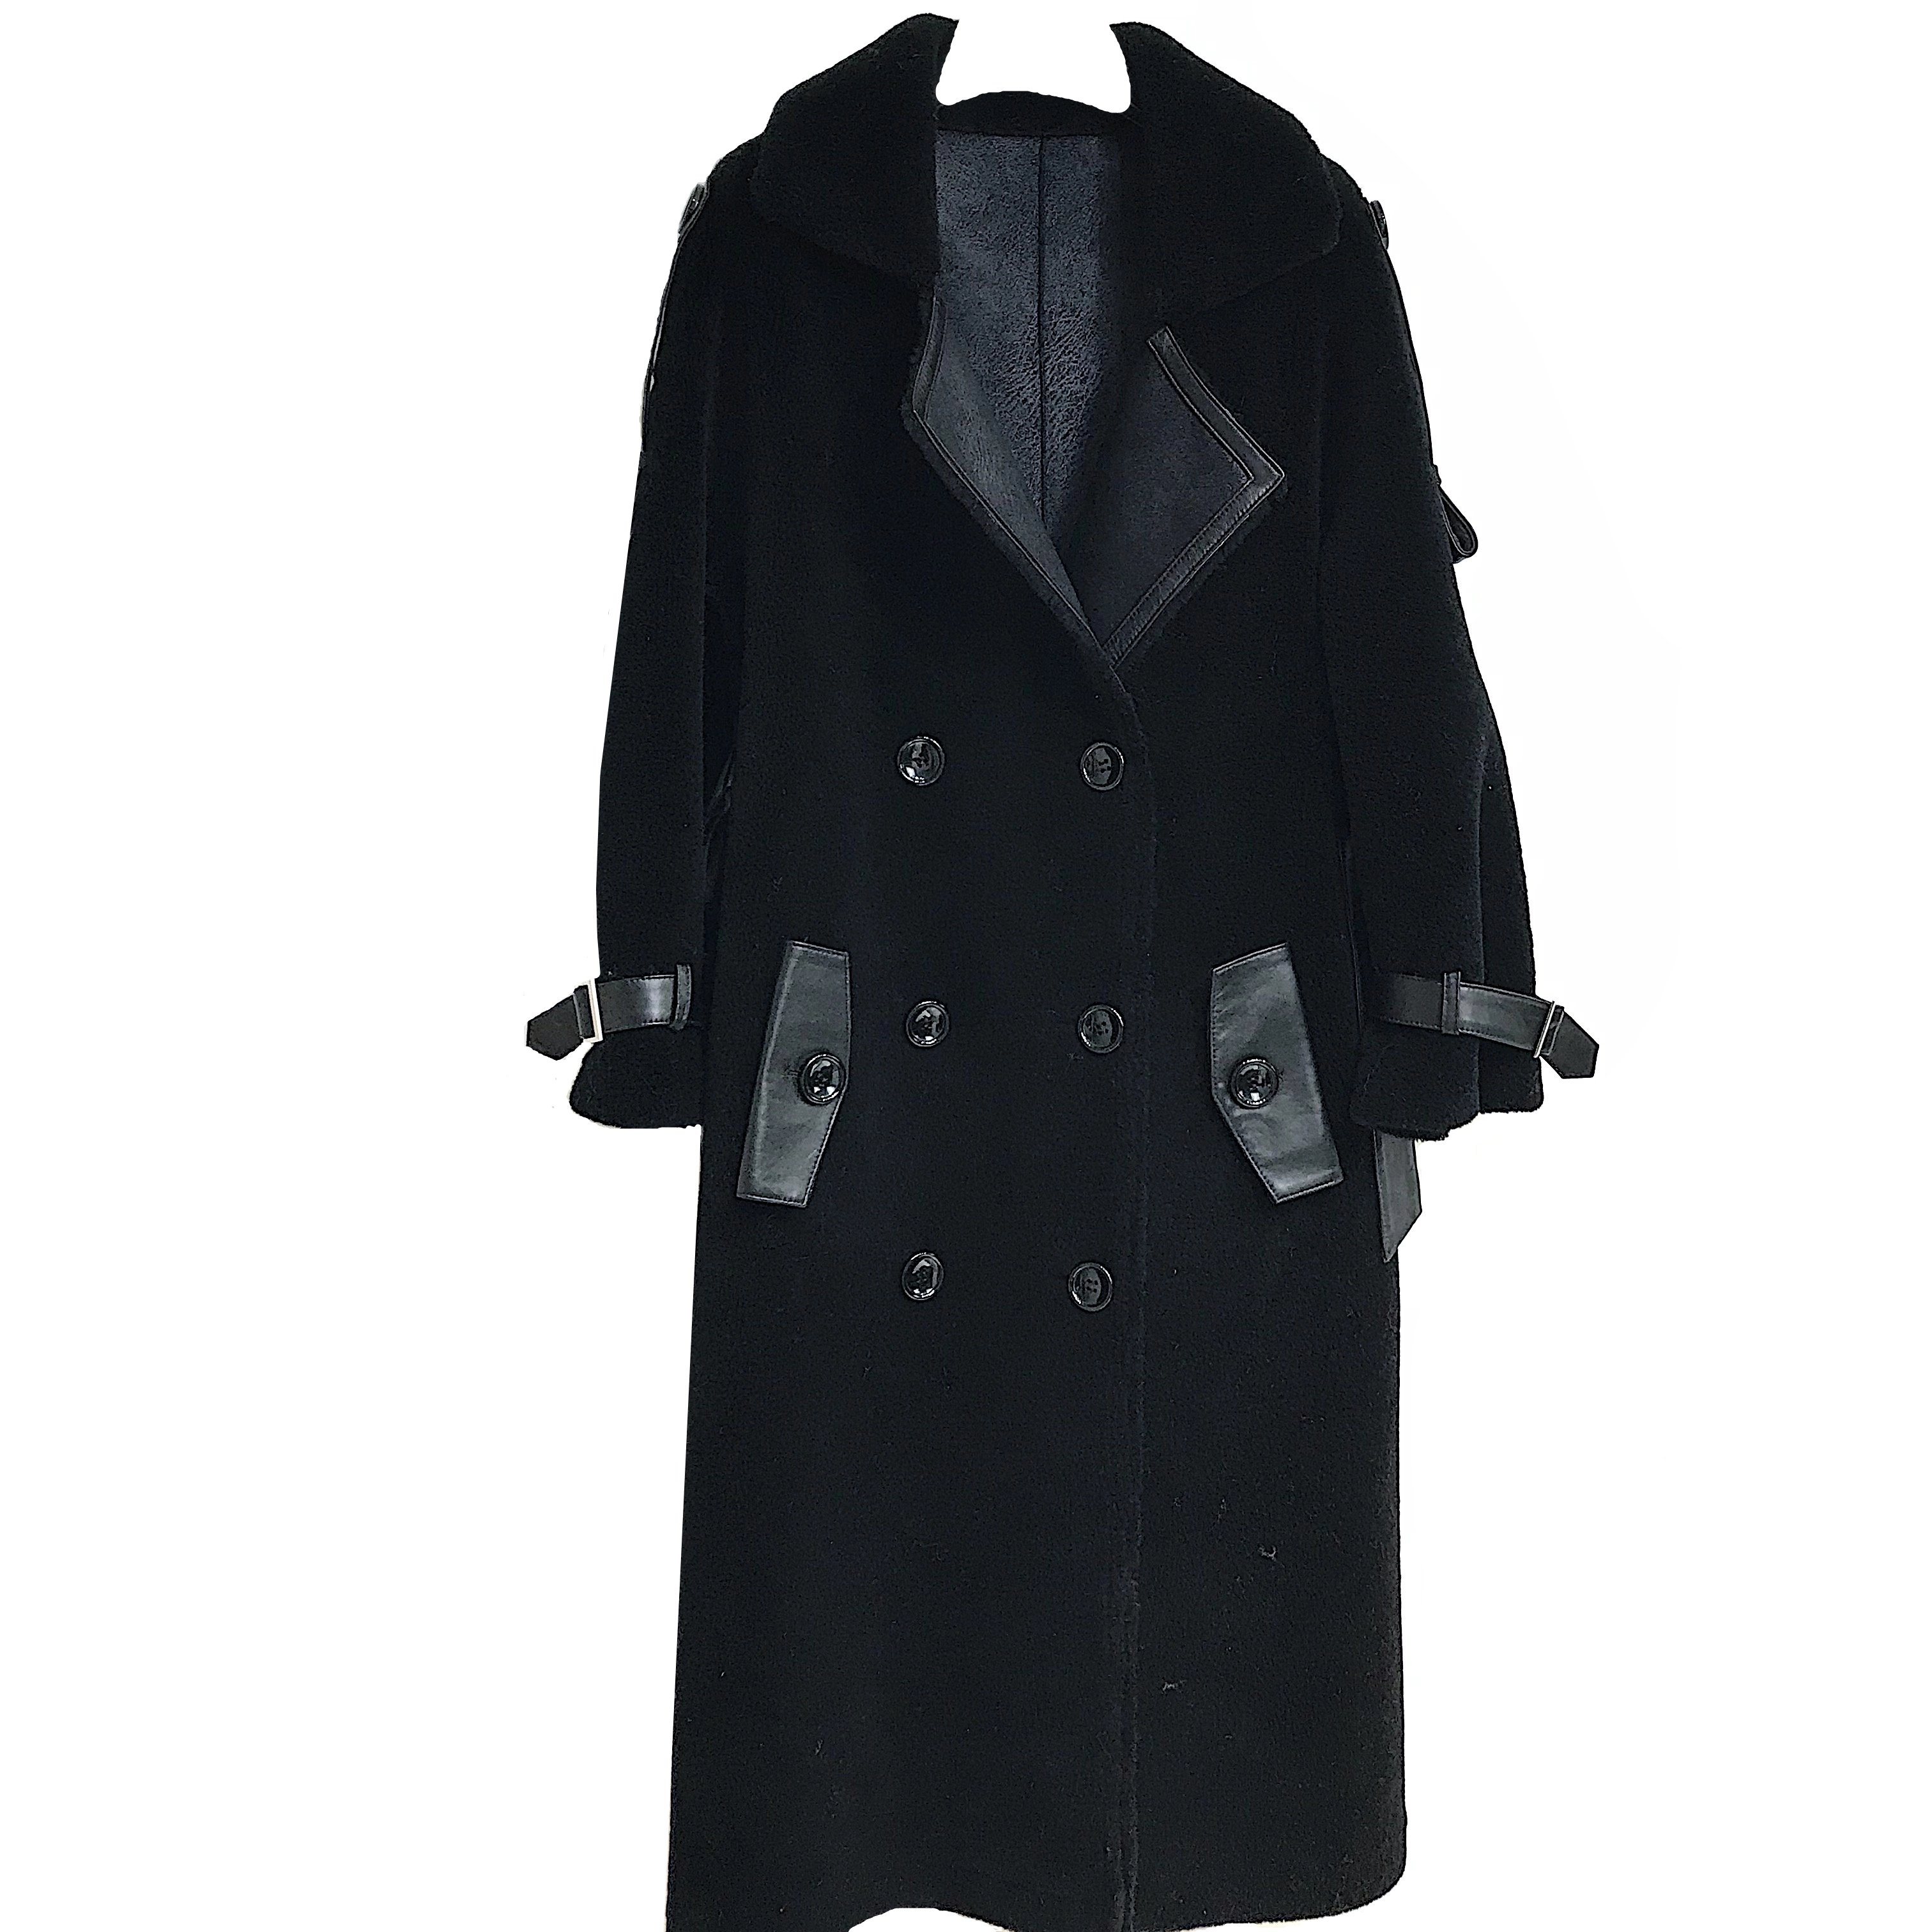 Manteau femme, achat de manteaux pour femme en ligne